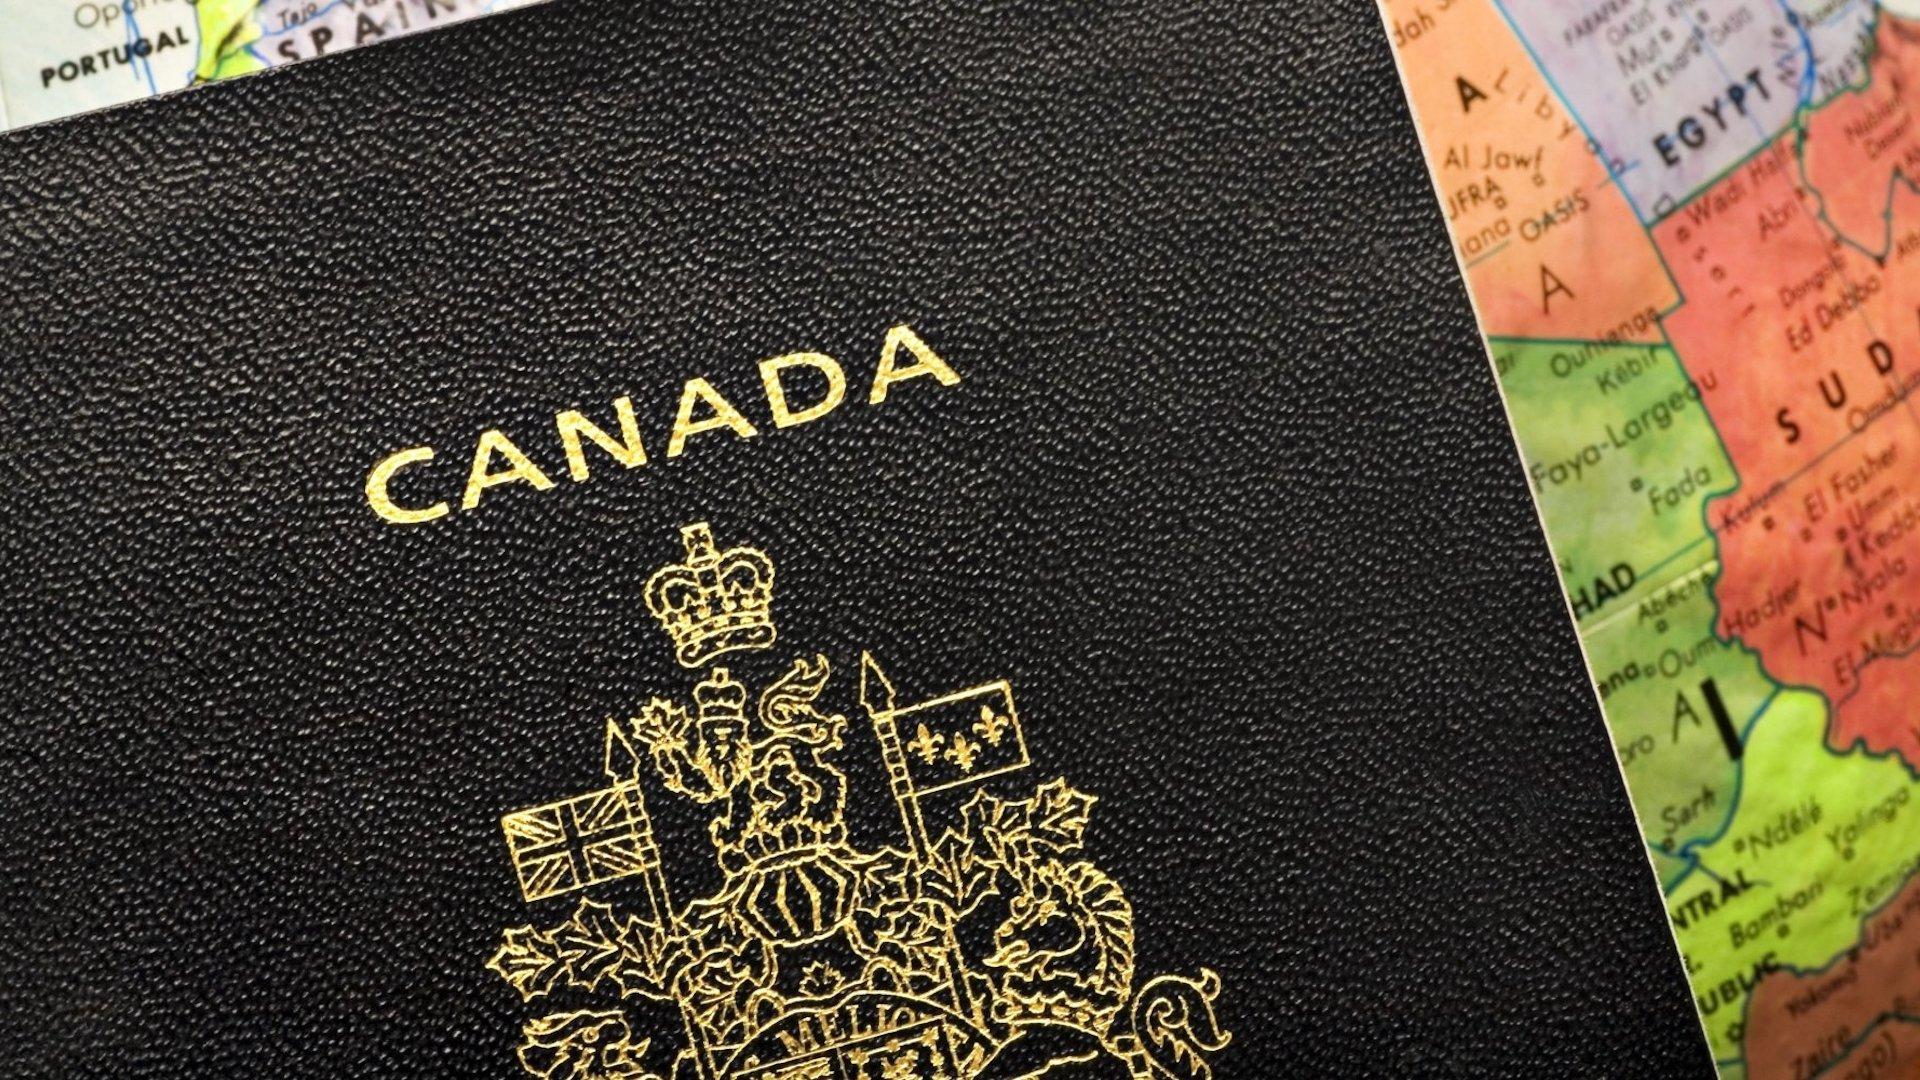 El pasaporte canadiense tendrá tres opciones de género: M, F y X